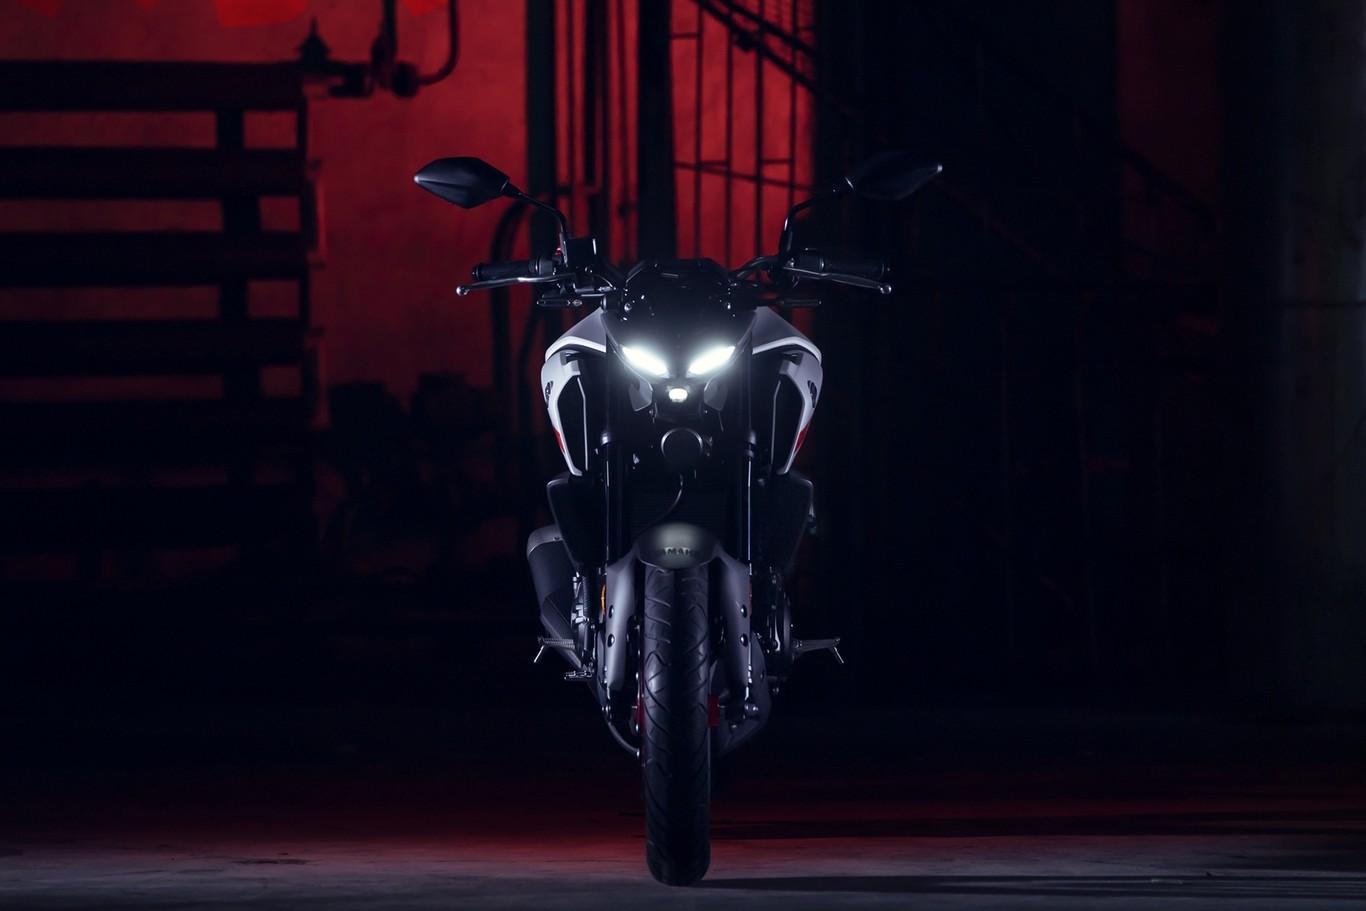 La nueva Yamaha MT-03 llegará en diciembre por 5.499 euros, una moto naked para el carnet A2 250 más cara